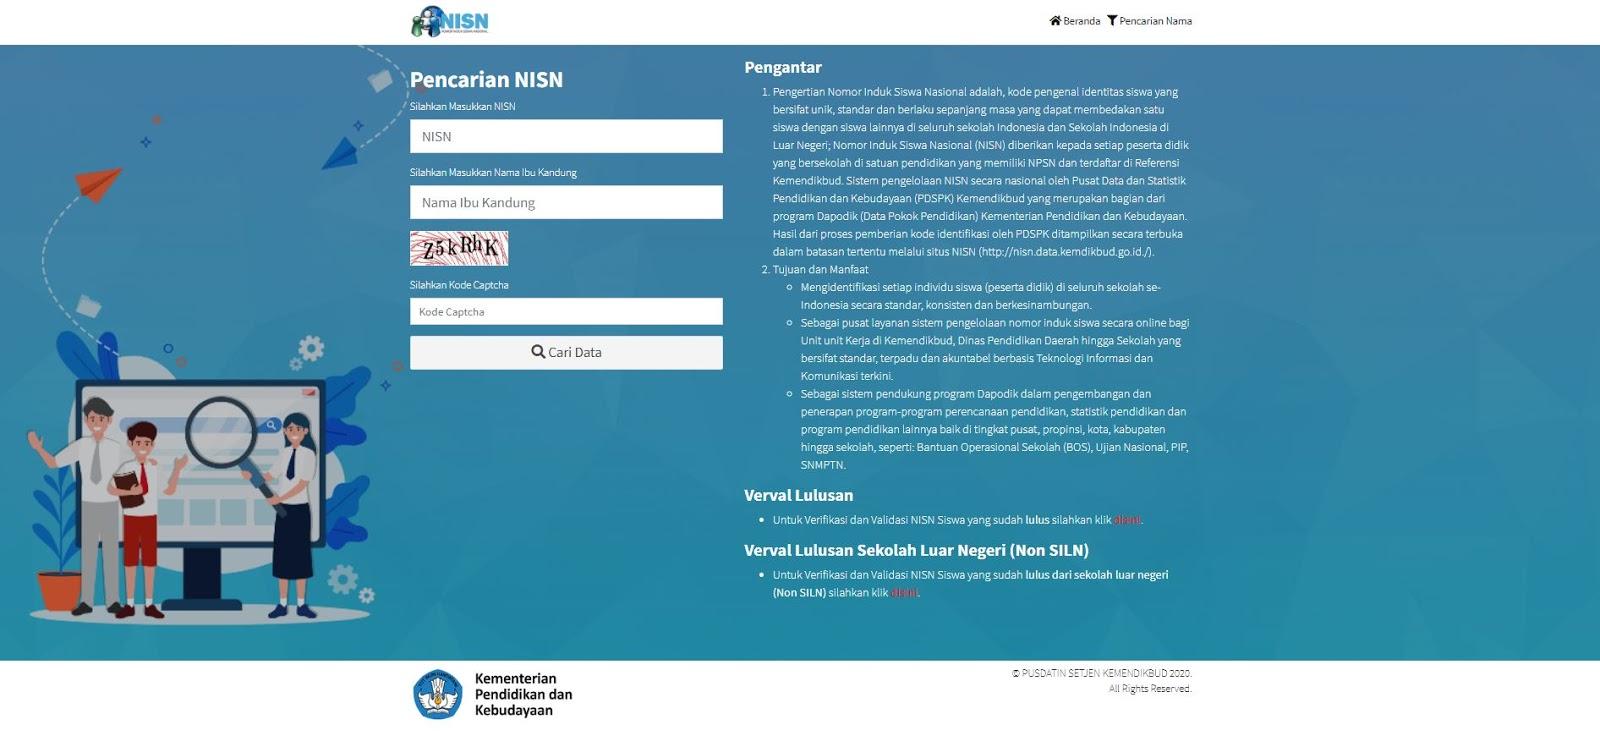 Tampilan web NISN yang sudah berhasil diakses